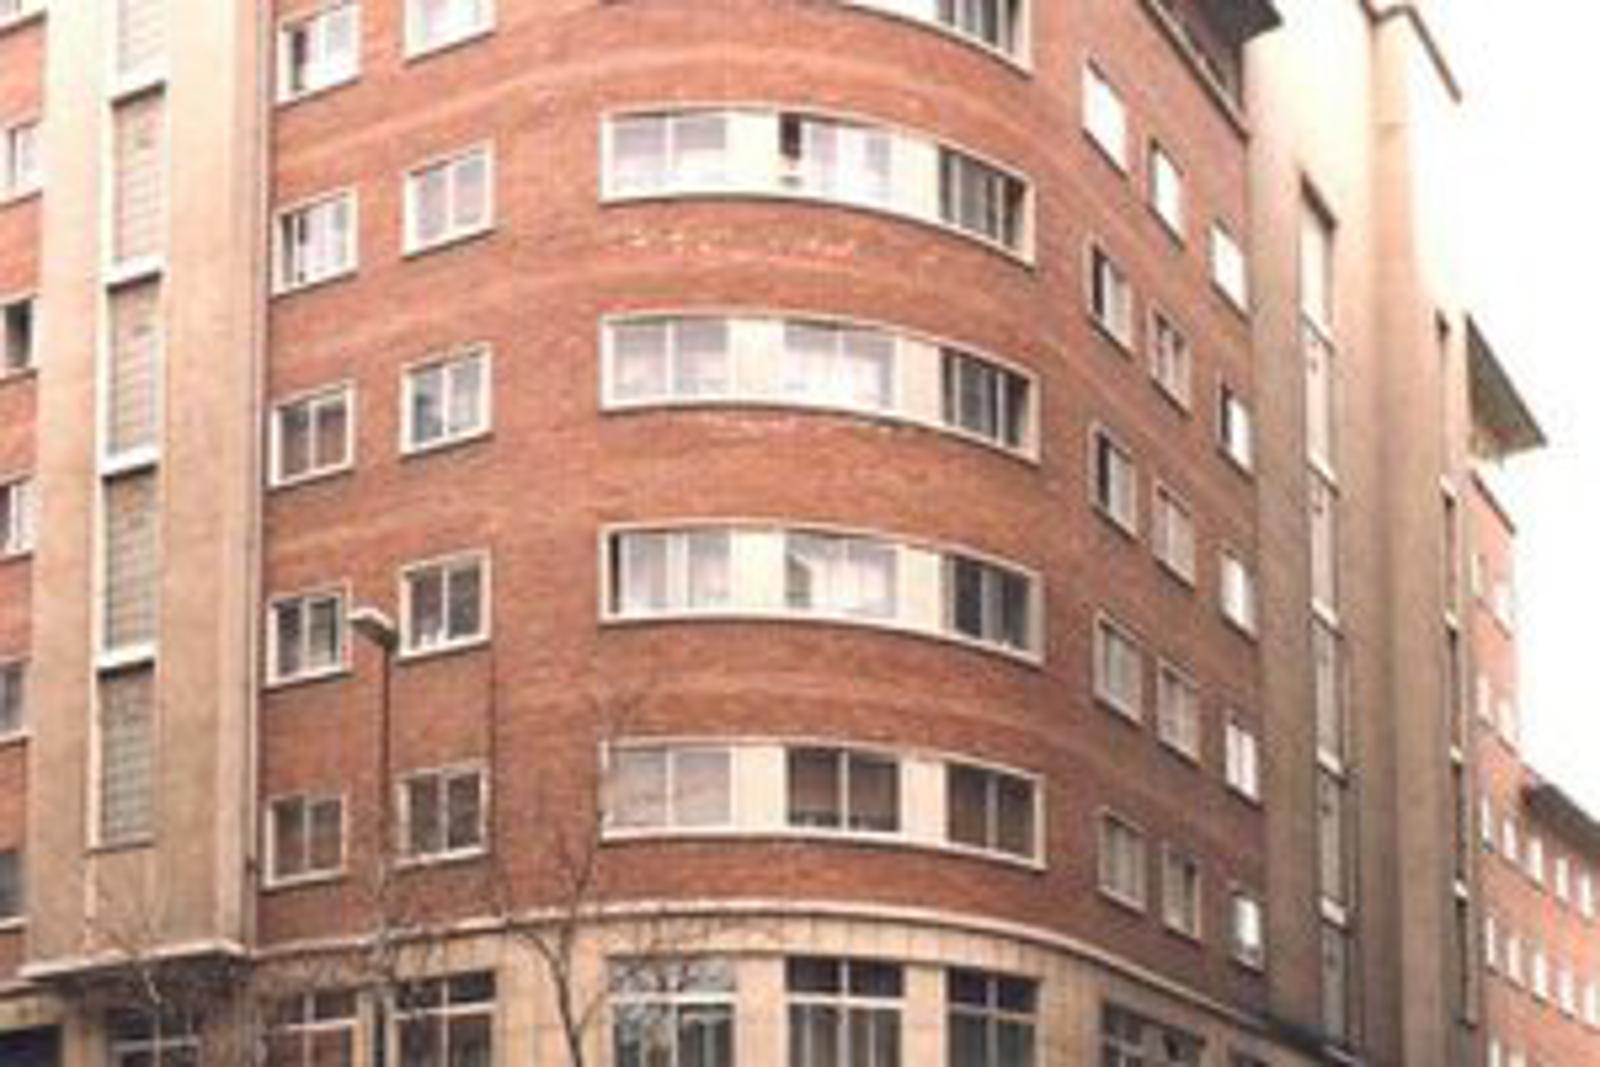 Residencia 3 edad construcciones sukia for Piscina zabalgana